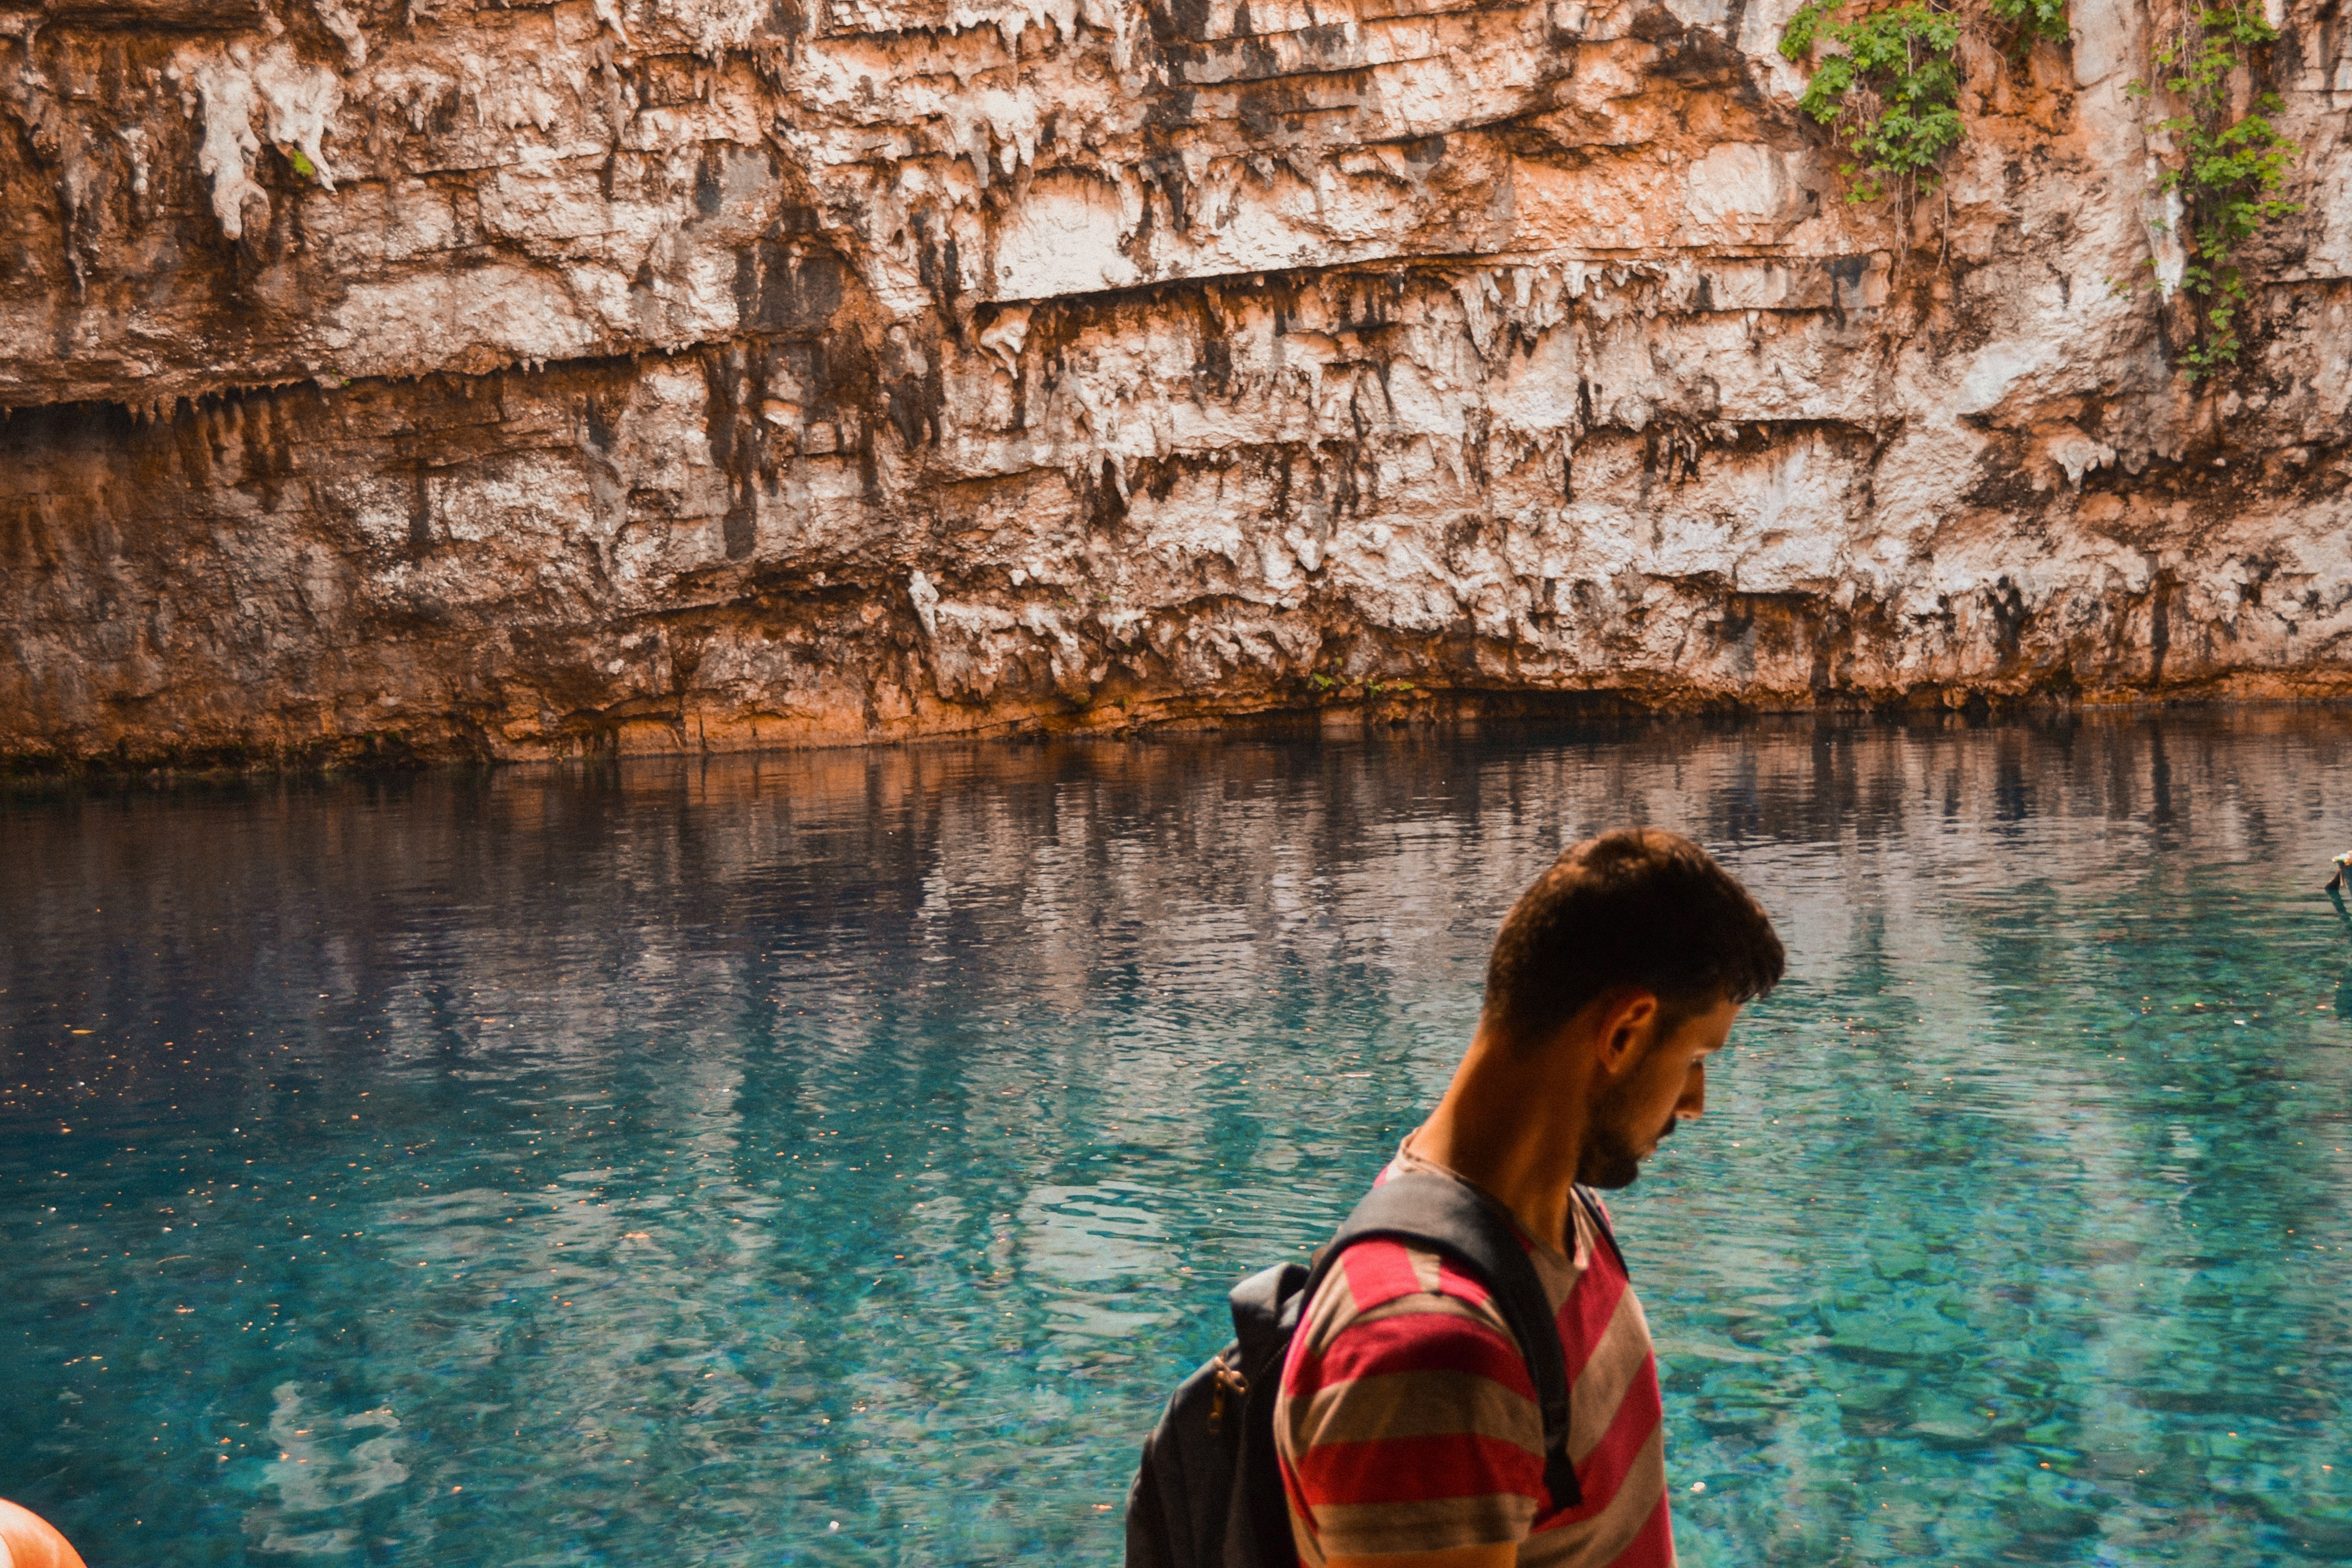 Κεφαλλονιά: Εκδρομή στο νησί για μια δόση καλοκαιριού